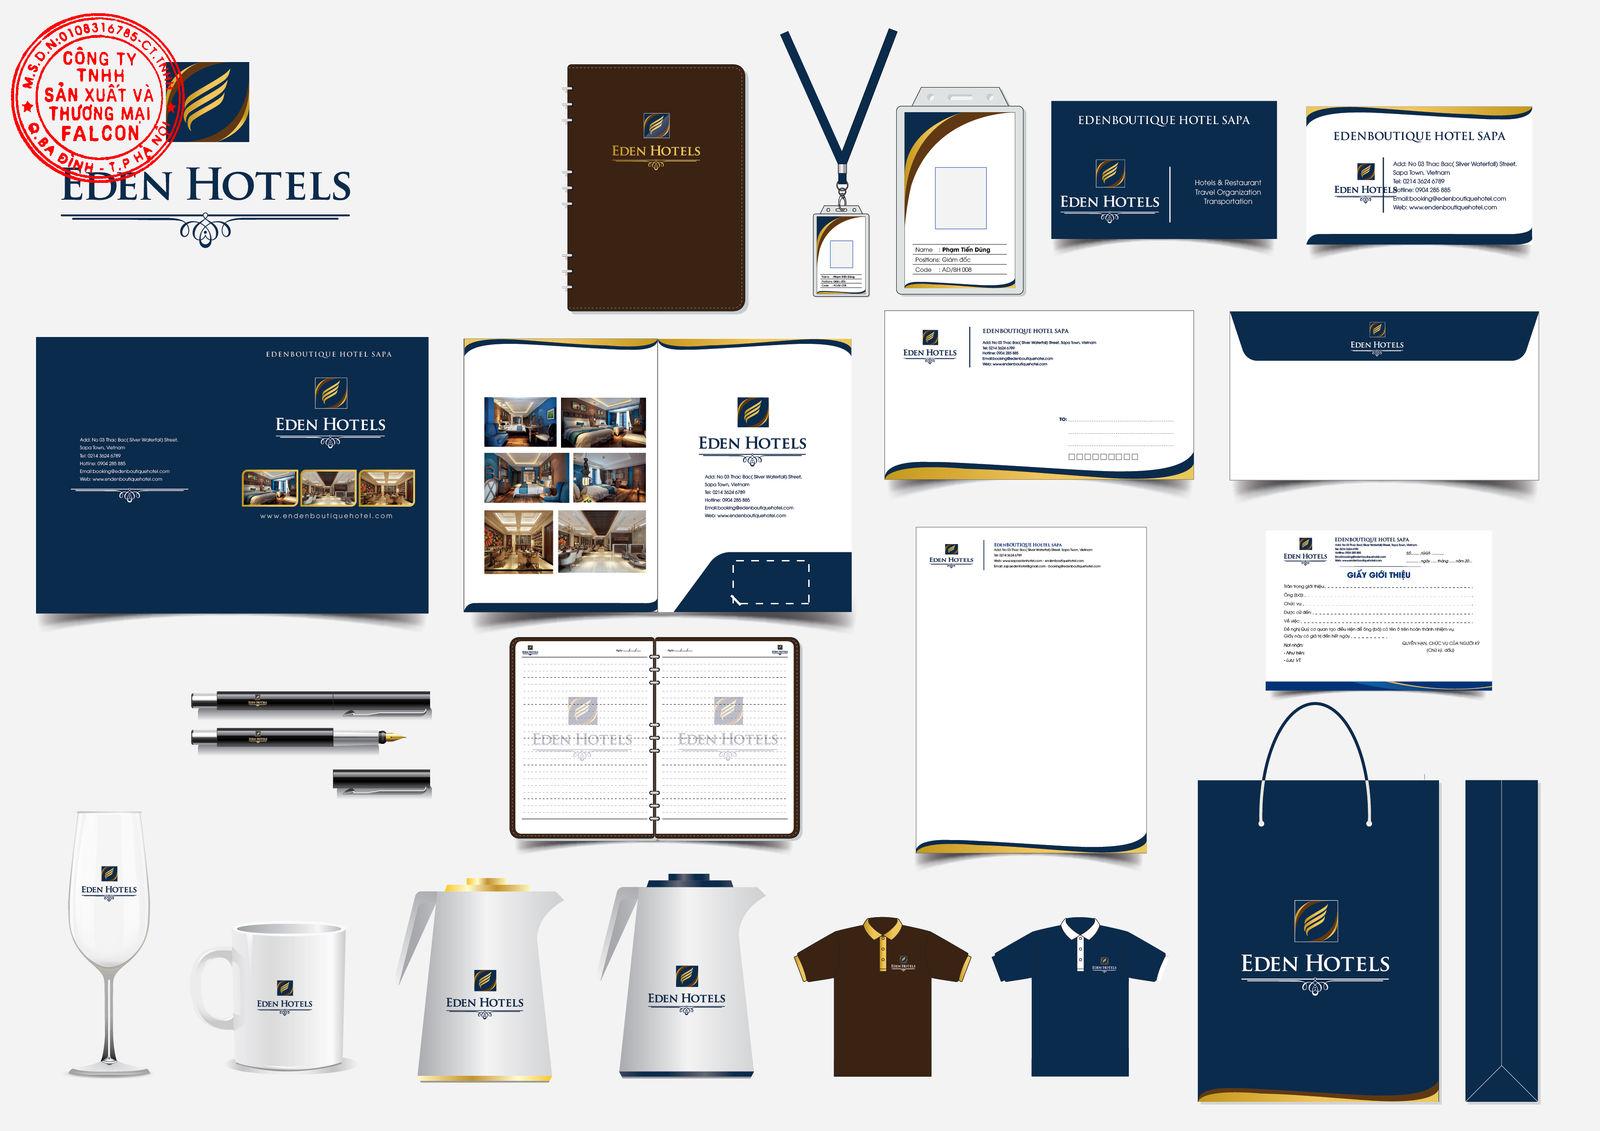 Thiết kế in ấn logo thương hiệu riêng cho khách sạn